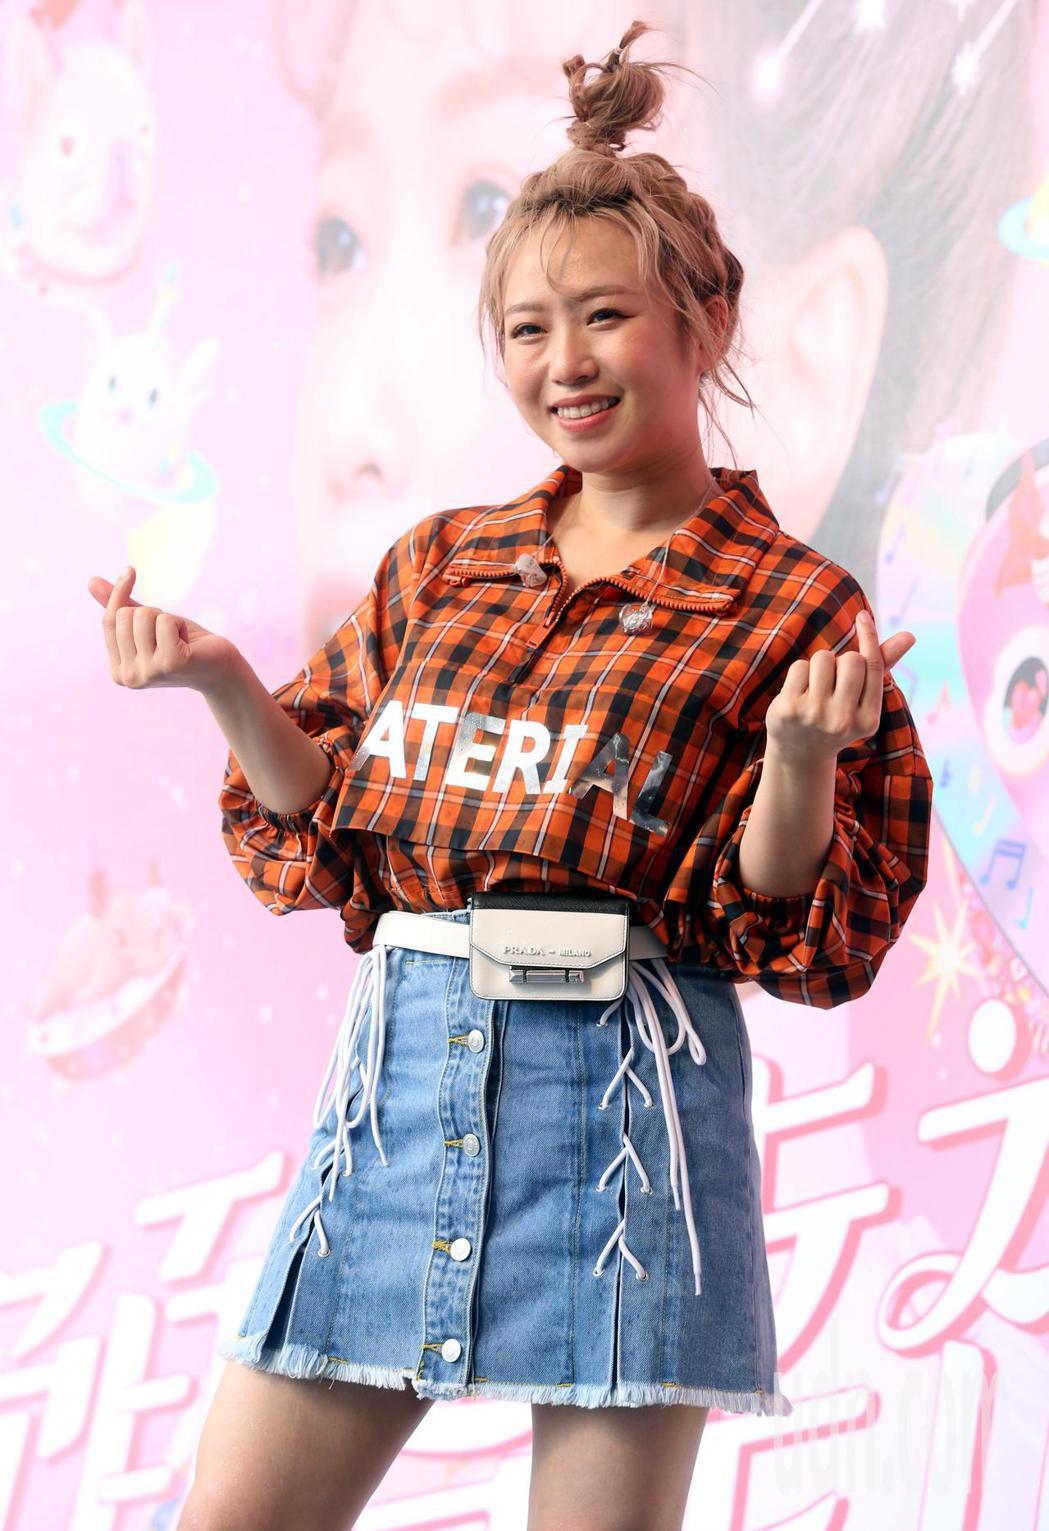 百萬人氣Youtuber鄭茵聲首度以發片歌手辦「預告幸福」台北簽唱會。記者林俊良...